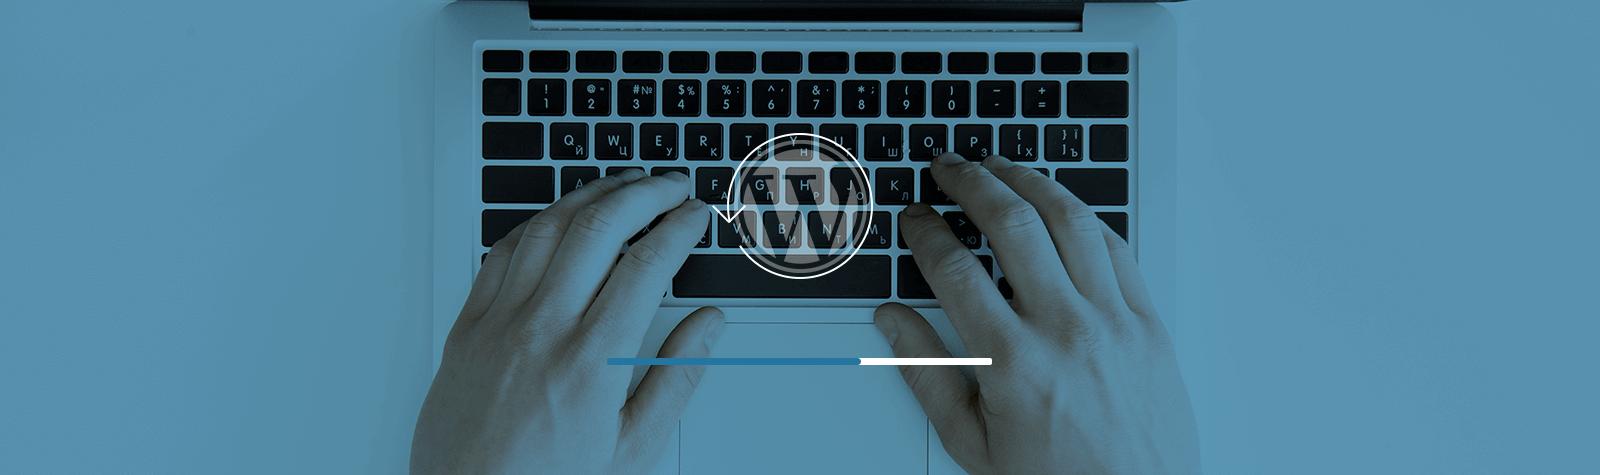 Γιατί πρέπει να χρησιμοποιείτε πάντα την πιο πρόσφατη έκδοση του WordPress